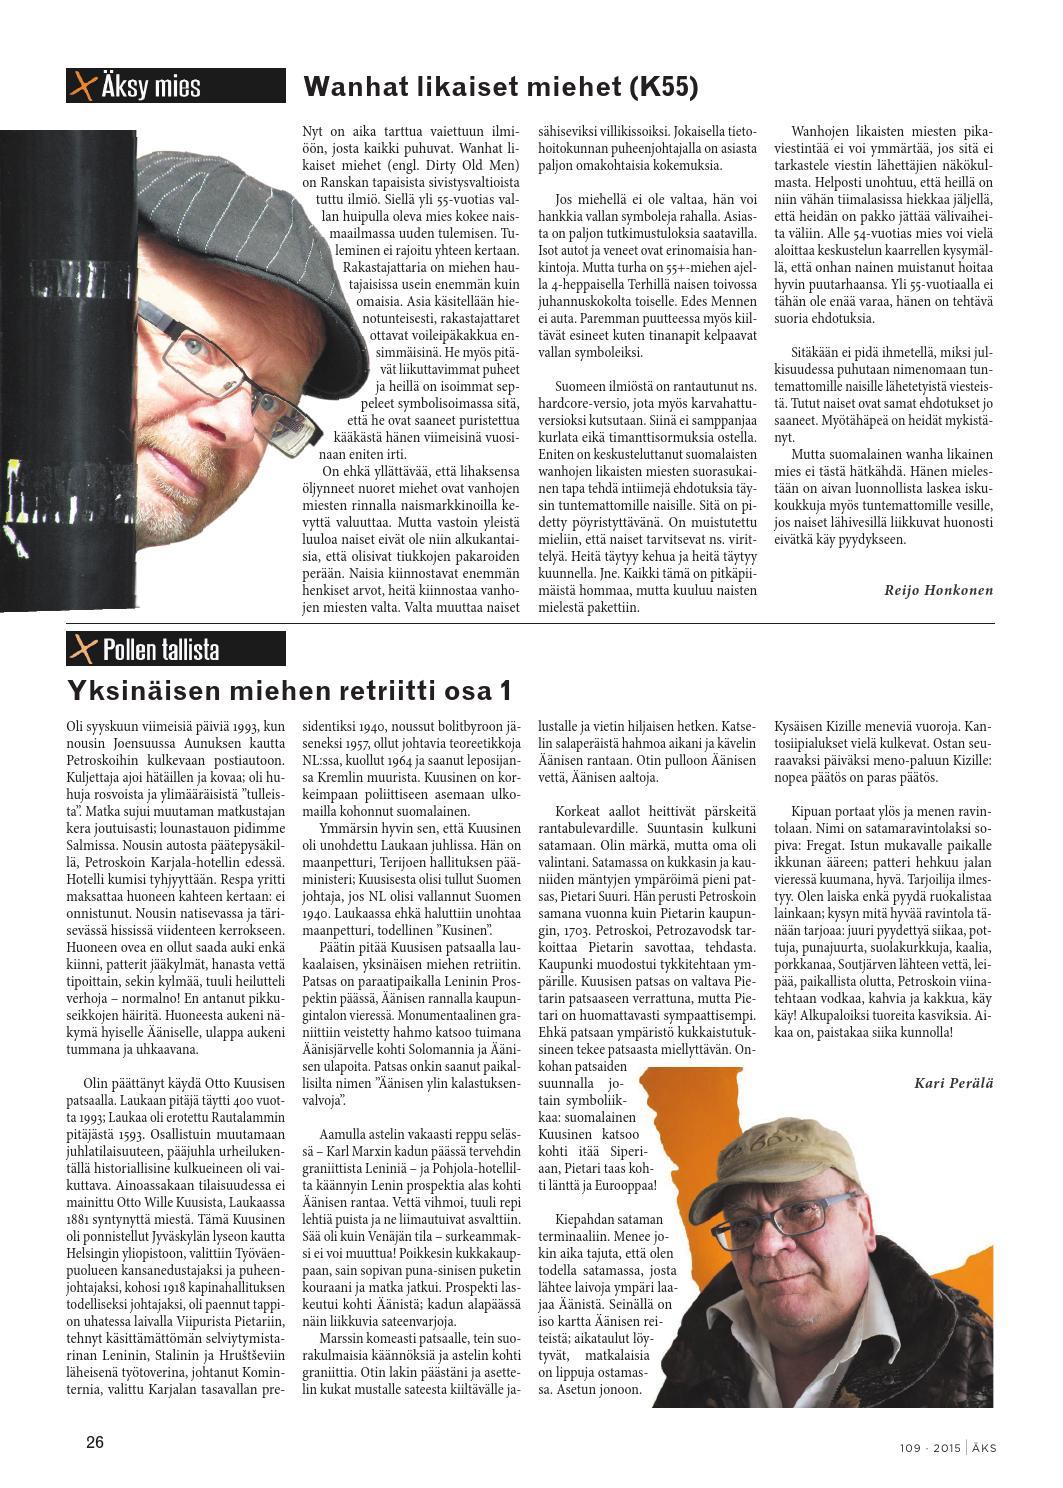 Suomenkielinen käännös. koukku {subst.} valintanne - joka koskee Euroopan perustuslakiluonnoksen vastaanottoa Ranskassa ja Alankomaissa.